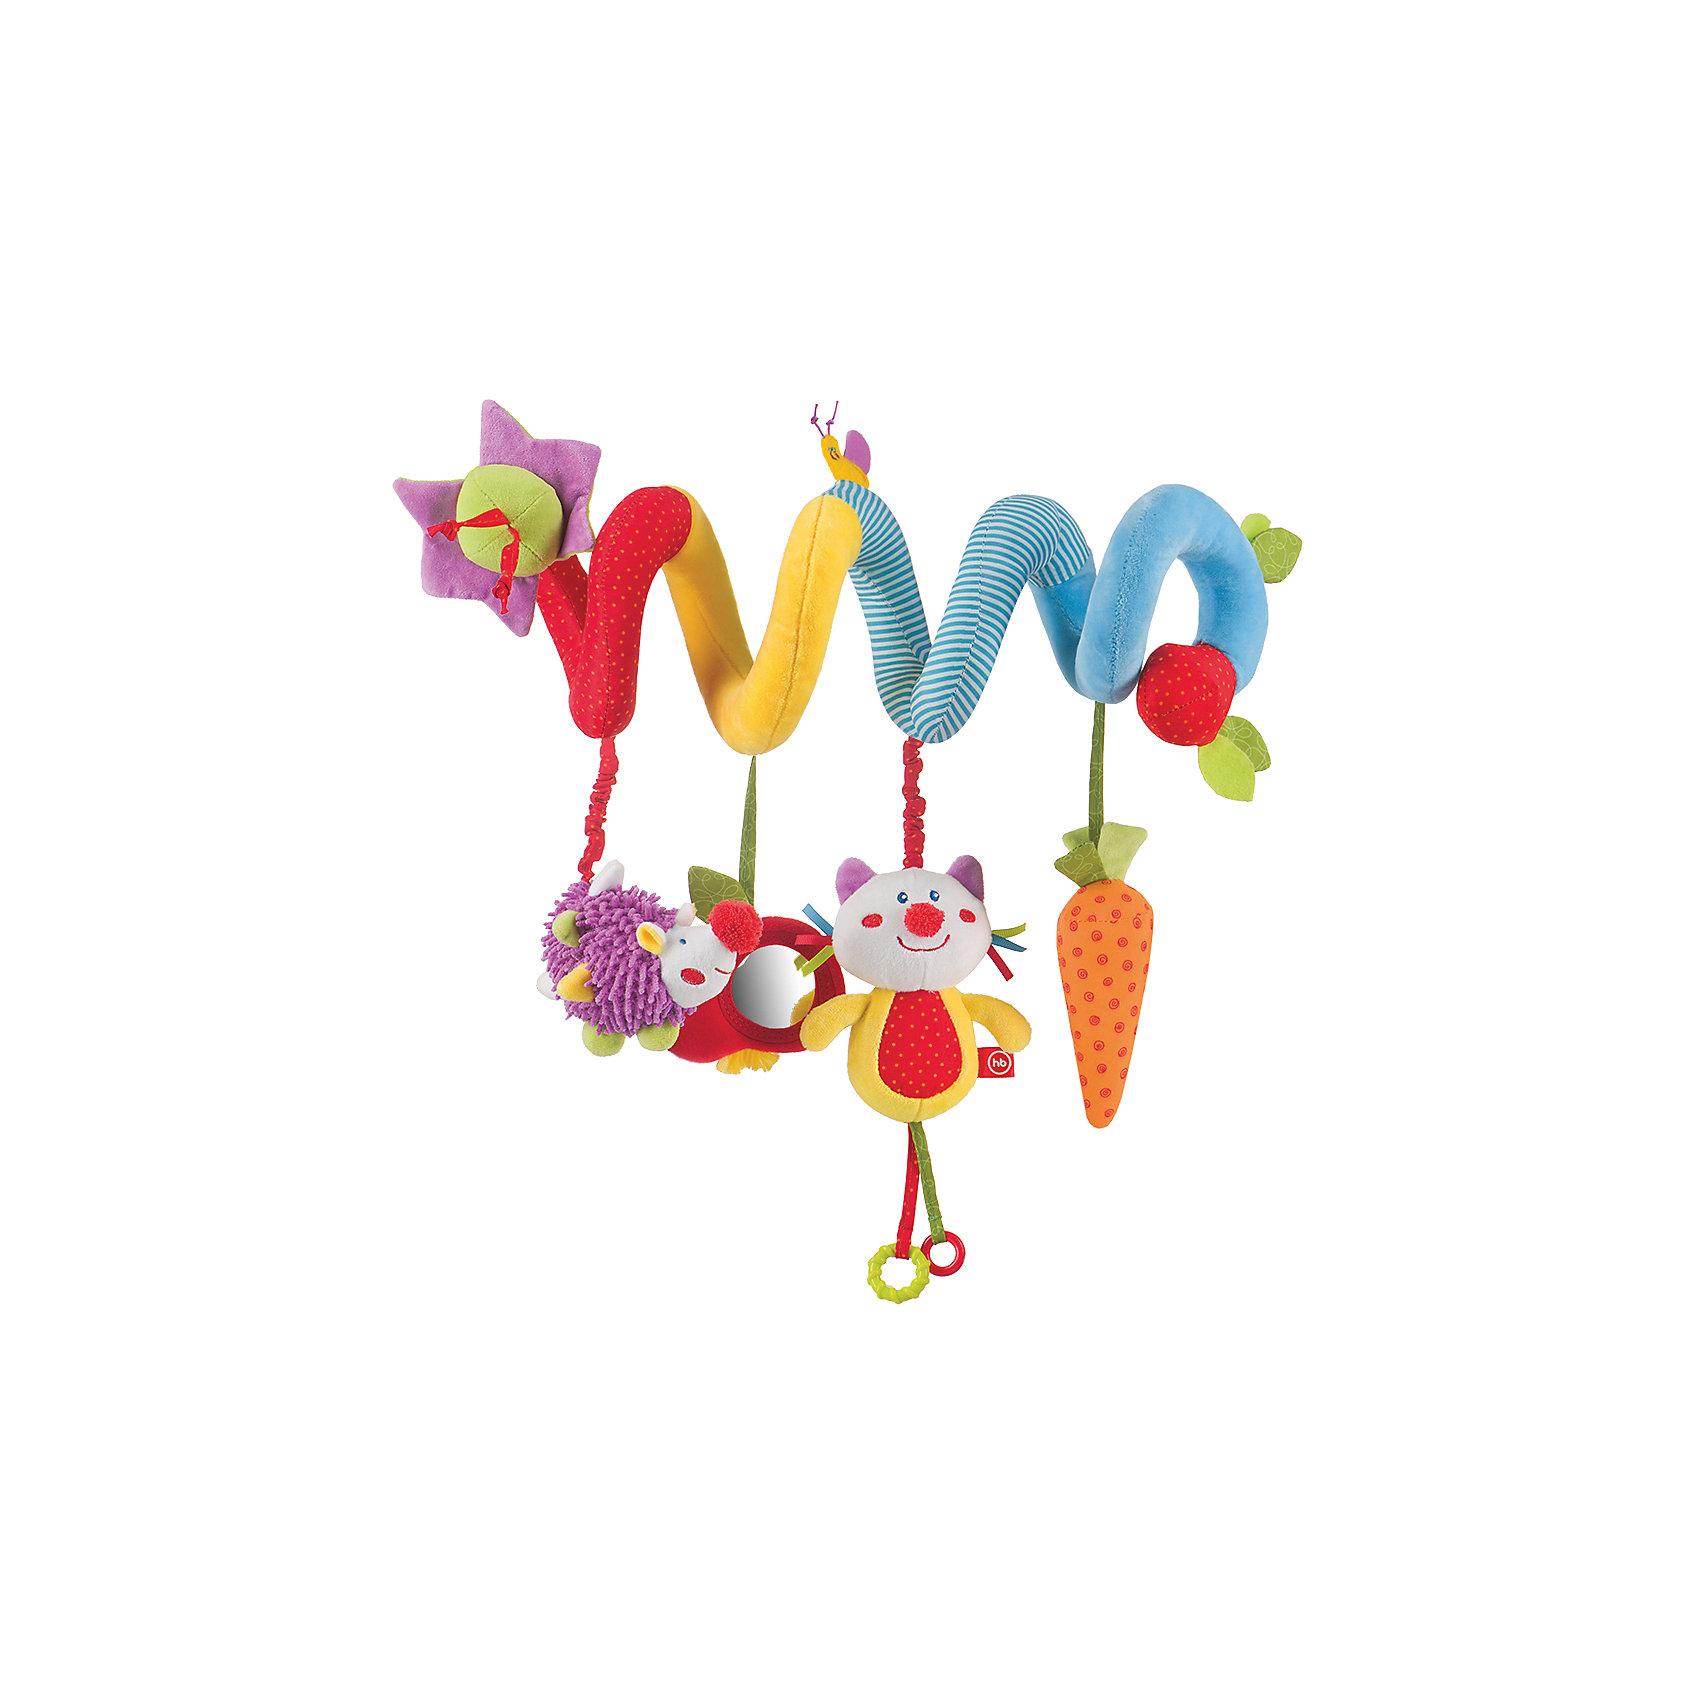 Развивающая игрушка-подвеска  Pretty Garden, Happy BabyРазвивающие игрушки<br>Характеристики:<br><br>• Вид игр: развивающие, обучающие<br>• Материал: полиэстер, хлопок, полимерный материал<br>• Тип крепления: завязки, гибкая спираль<br>• Наличие звуковых, шумовых эффектов<br>• Наличие игрушек-подвесок<br>• Вес: 96 г<br>• Параметры (Д*Ш*В): 5,8*12*30 см <br>• Особенности ухода: влажная и сухая чистка<br><br>Развивающая игрушка-подвеска   Pretty Garden, Happy Baby выполнена в виде мягкой спирали, на которую нанизаны игрушки-подвески: котик, ежик, морковка. Игрушка состоит из элементов разного цвета, фактуры и с различными звуковыми эффектами. Игры с такой погремушкой будут способствовать зрительному и слуховому восприятию, координации движений, будут развивать мелкую моторику рук и эмоциональную сферу ребенка.   <br><br>Развивающую игрушку-подвеску   Pretty Garden, Happy Baby можно купить в нашем интернет-магазине.<br><br>Ширина мм: 130<br>Глубина мм: 233<br>Высота мм: 475<br>Вес г: 216<br>Возраст от месяцев: 0<br>Возраст до месяцев: 18<br>Пол: Унисекс<br>Возраст: Детский<br>SKU: 5621700